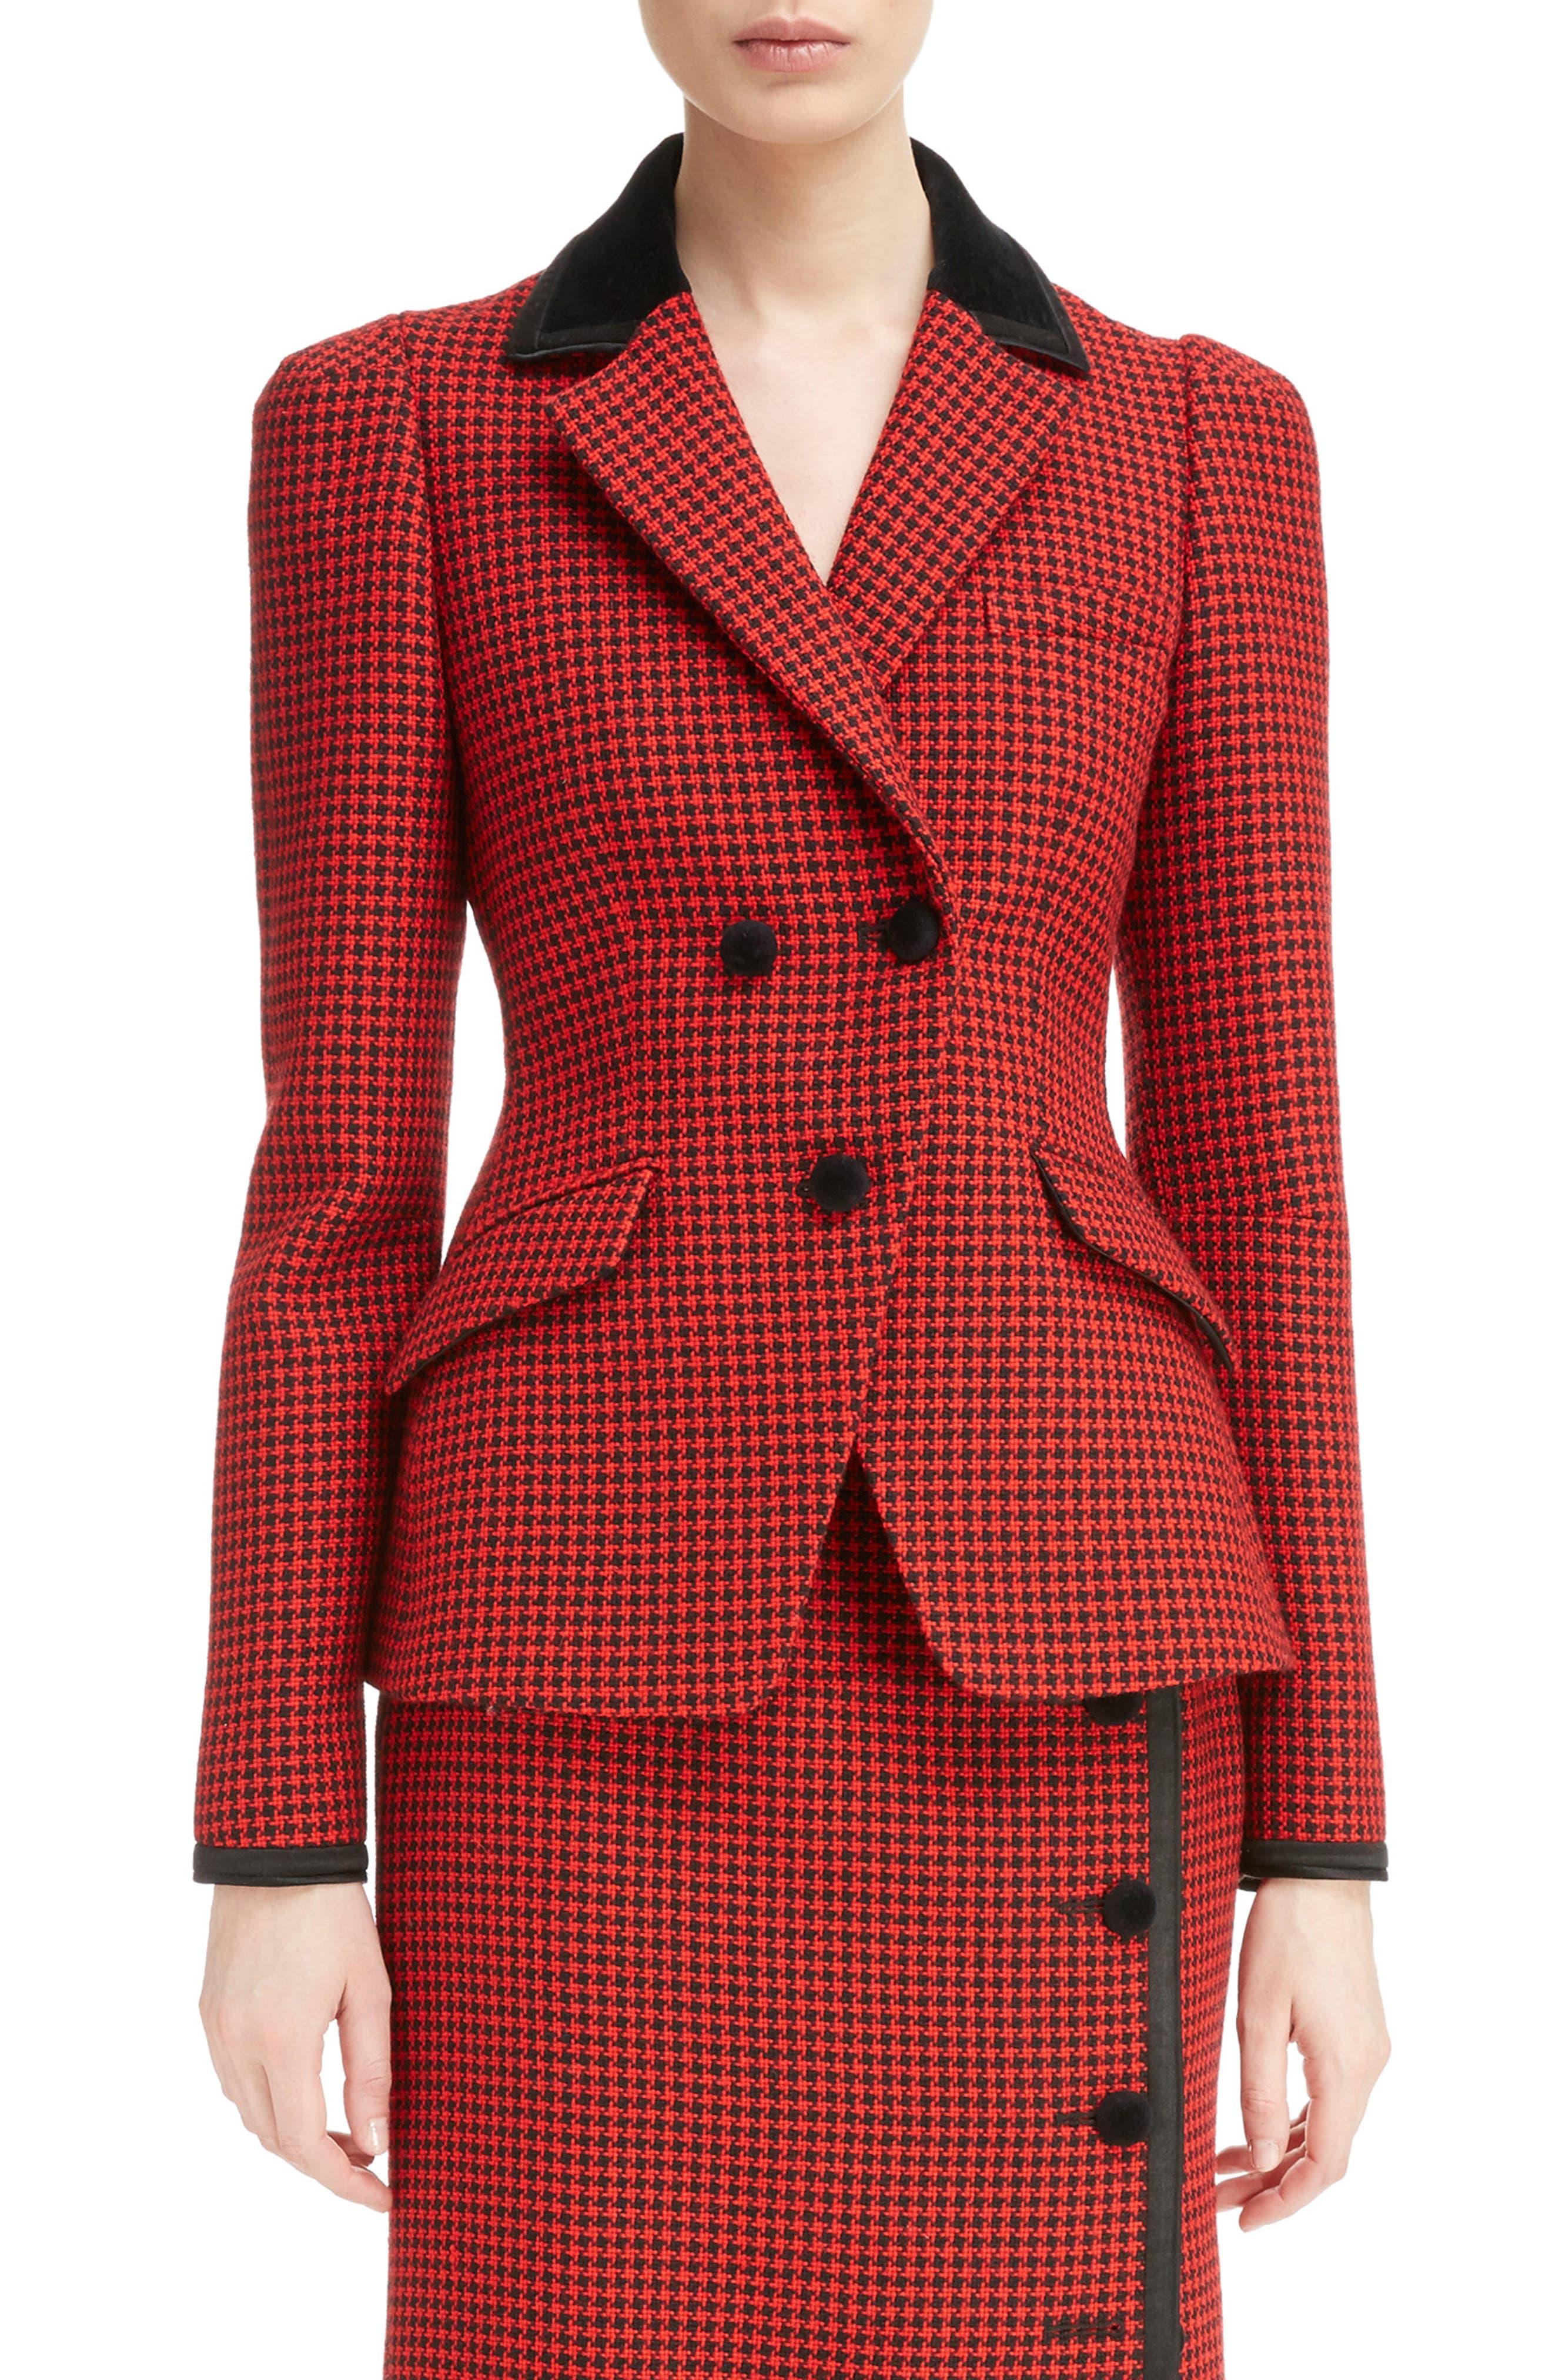 Altuzarra Paladini Houndstooth Wool Jacket